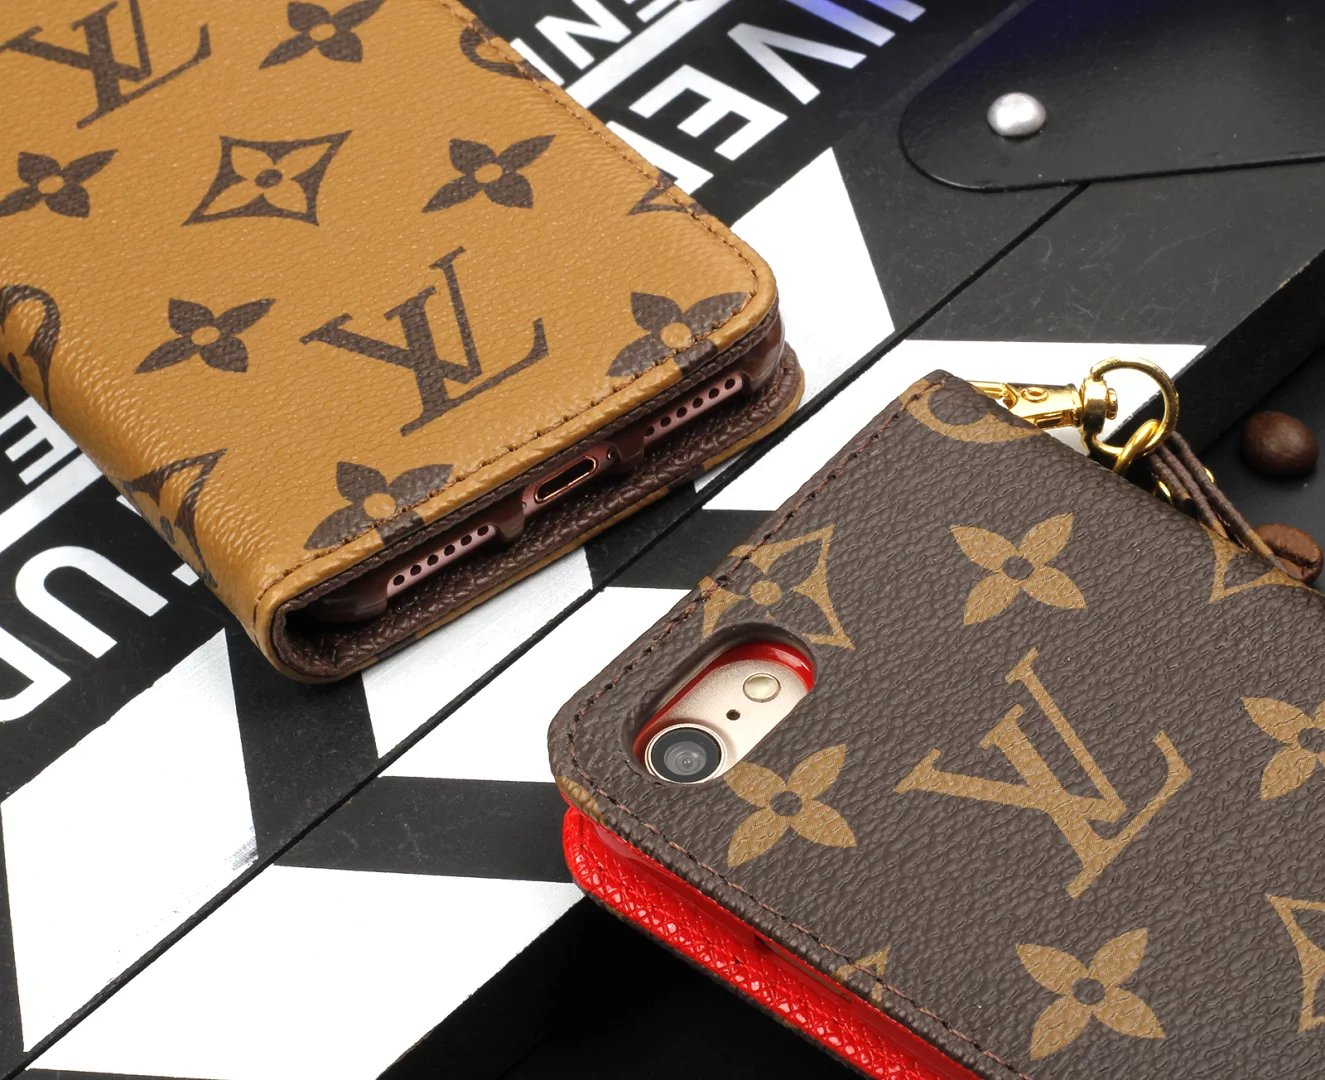 iphone hülle holz handyhülle foto iphone Louis Vuitton iphone7 hülle hülle iphone 7 apple handyhülle mit fotodruck die schönsten iphone hüllen filzhülle iphone iphone 6 vorschau iphone 7 ca7 7lber gestalten